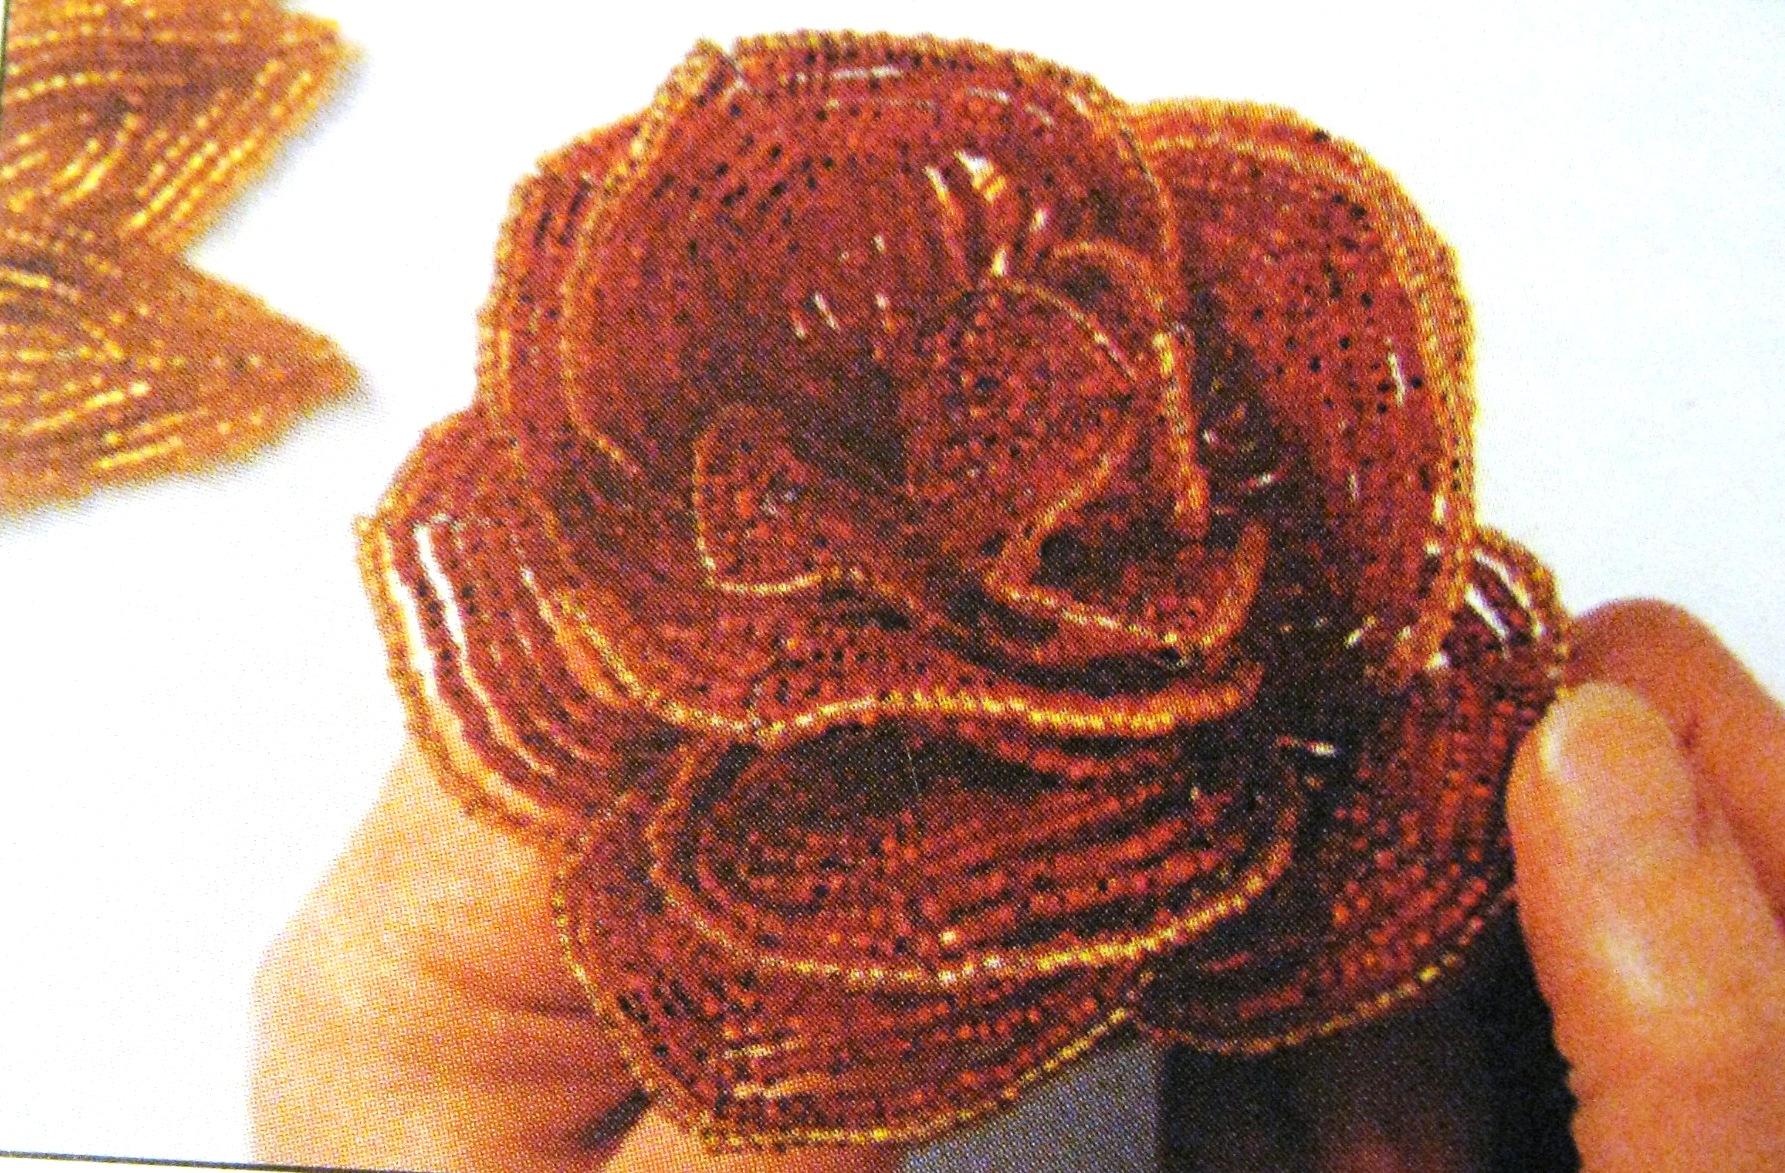 Много полезной информацци про поделки из бисера - схемы плетения из бисера, цветы и деревья из бисера...